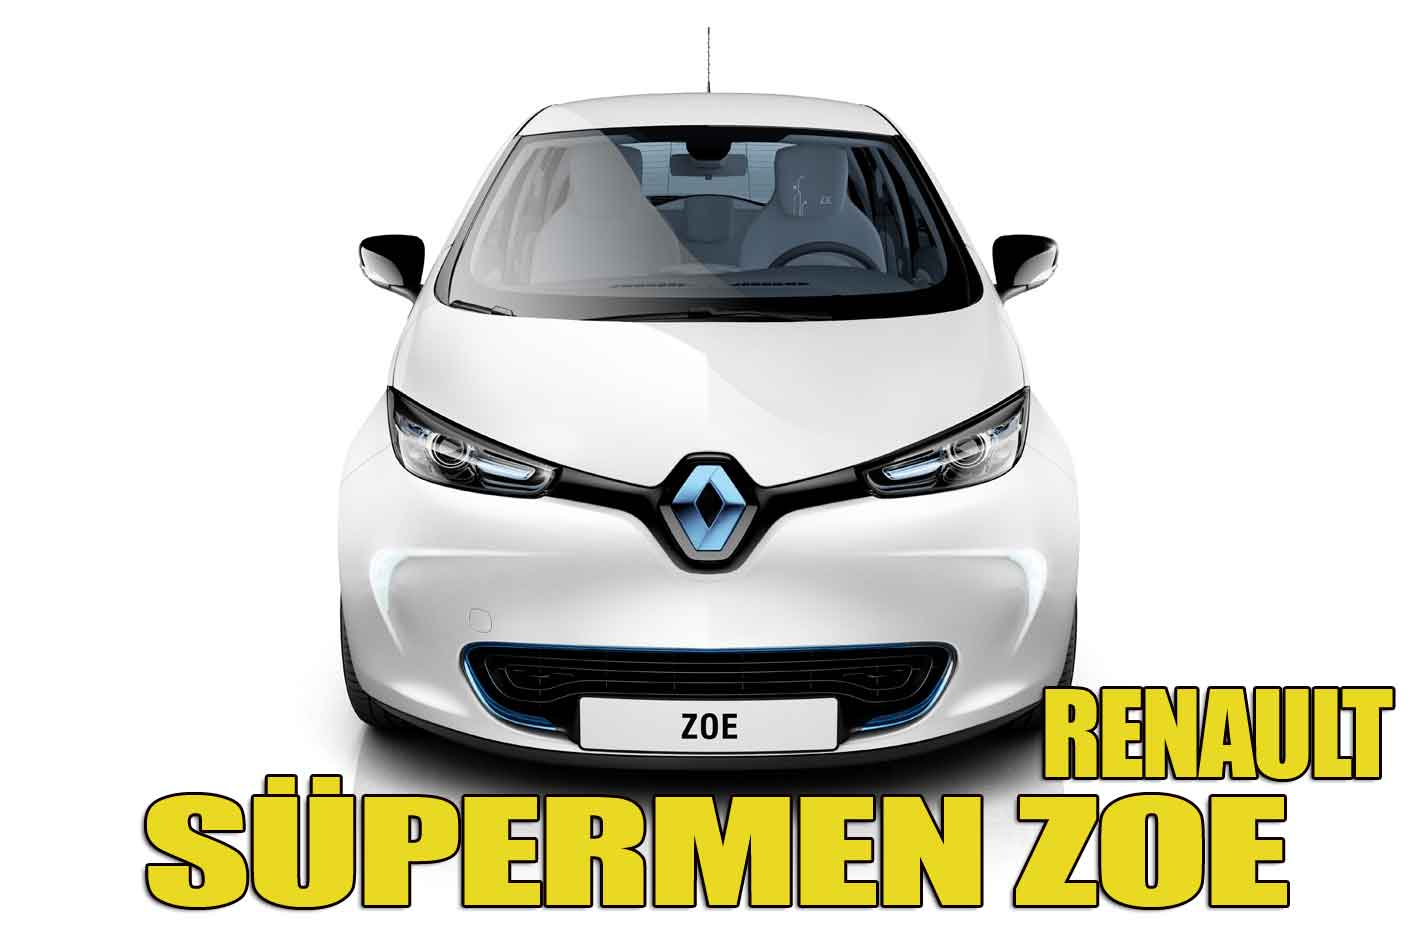 Renaultun süpermeni ZOE